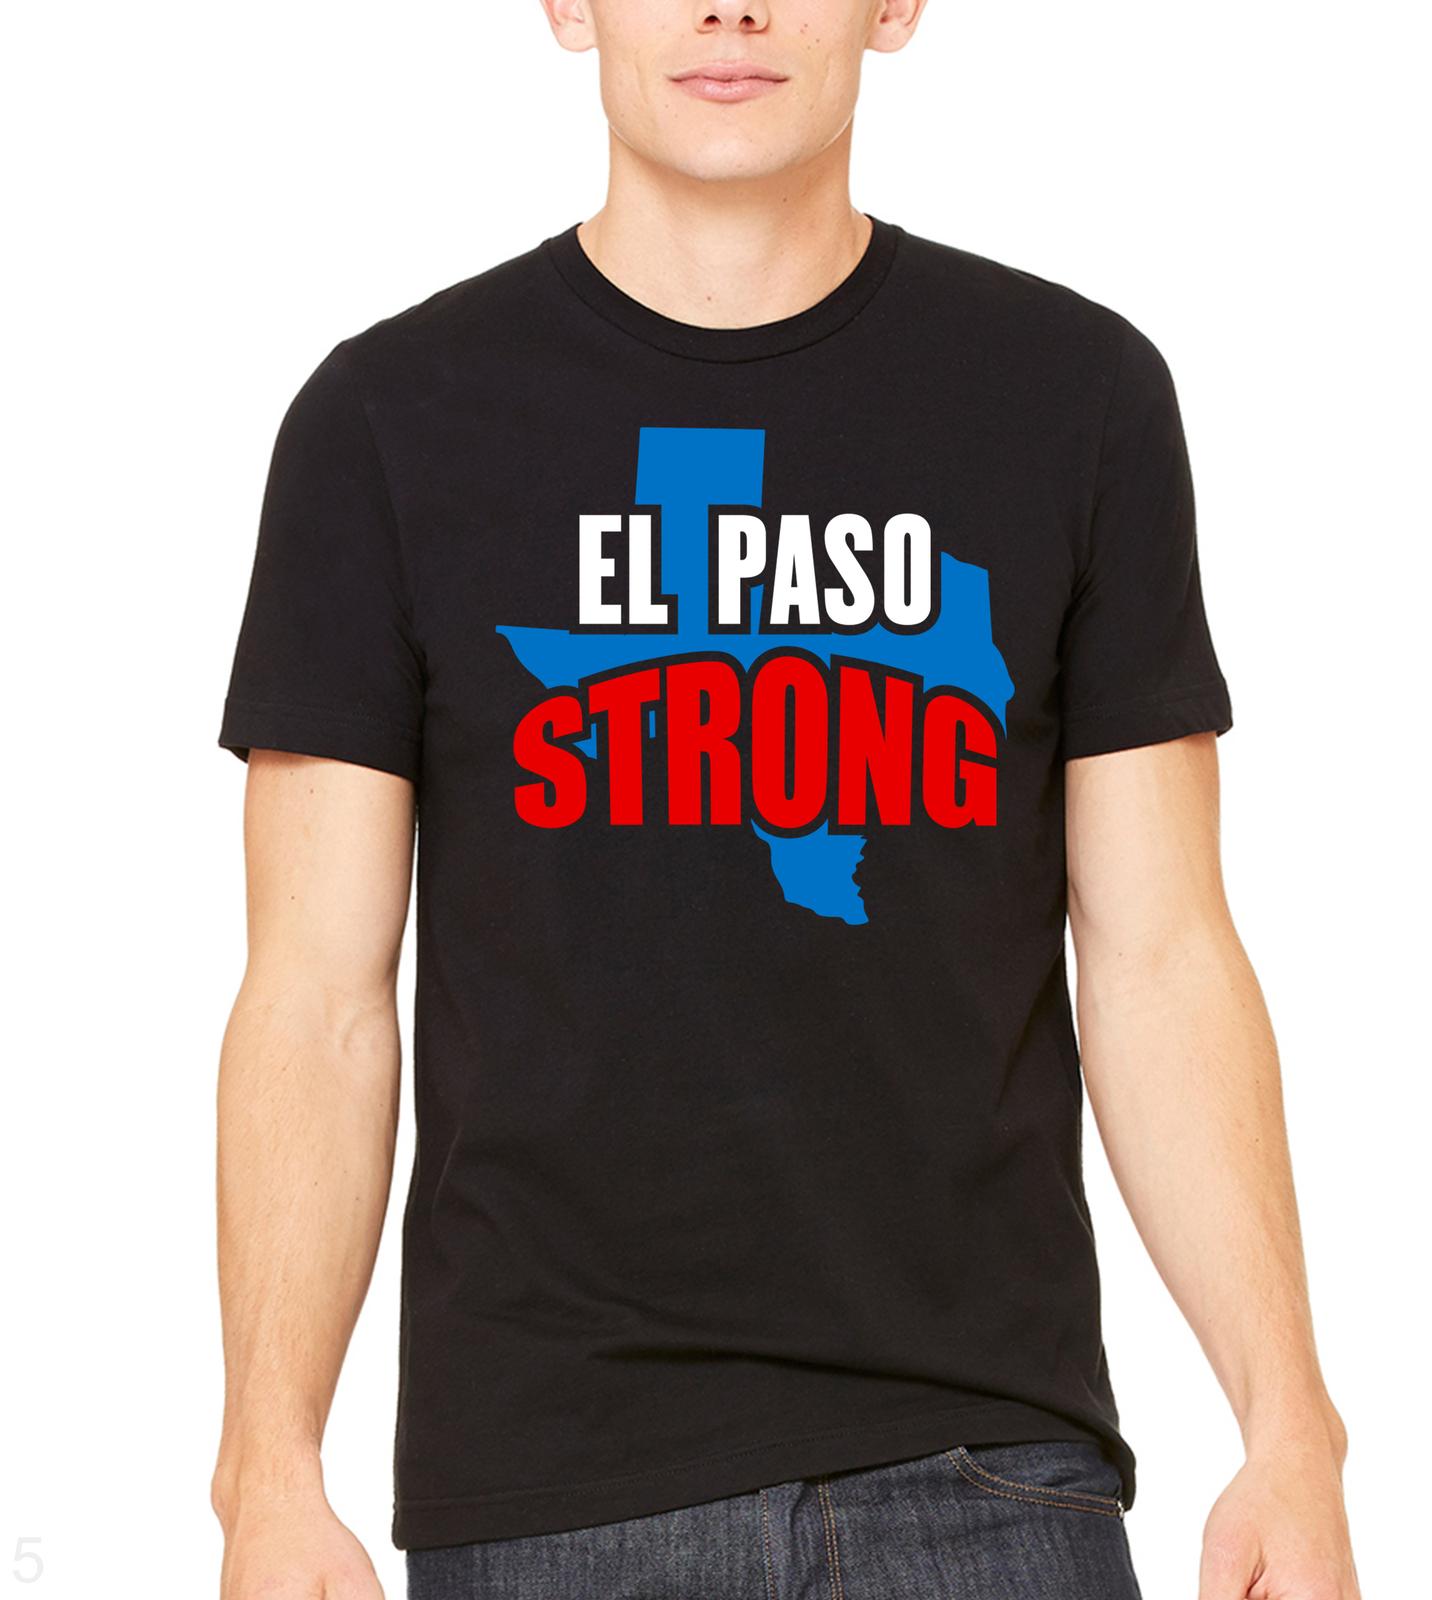 el paso strong unisex t shirt, El Paso Texas Strong tshirt El Paso Texas tee